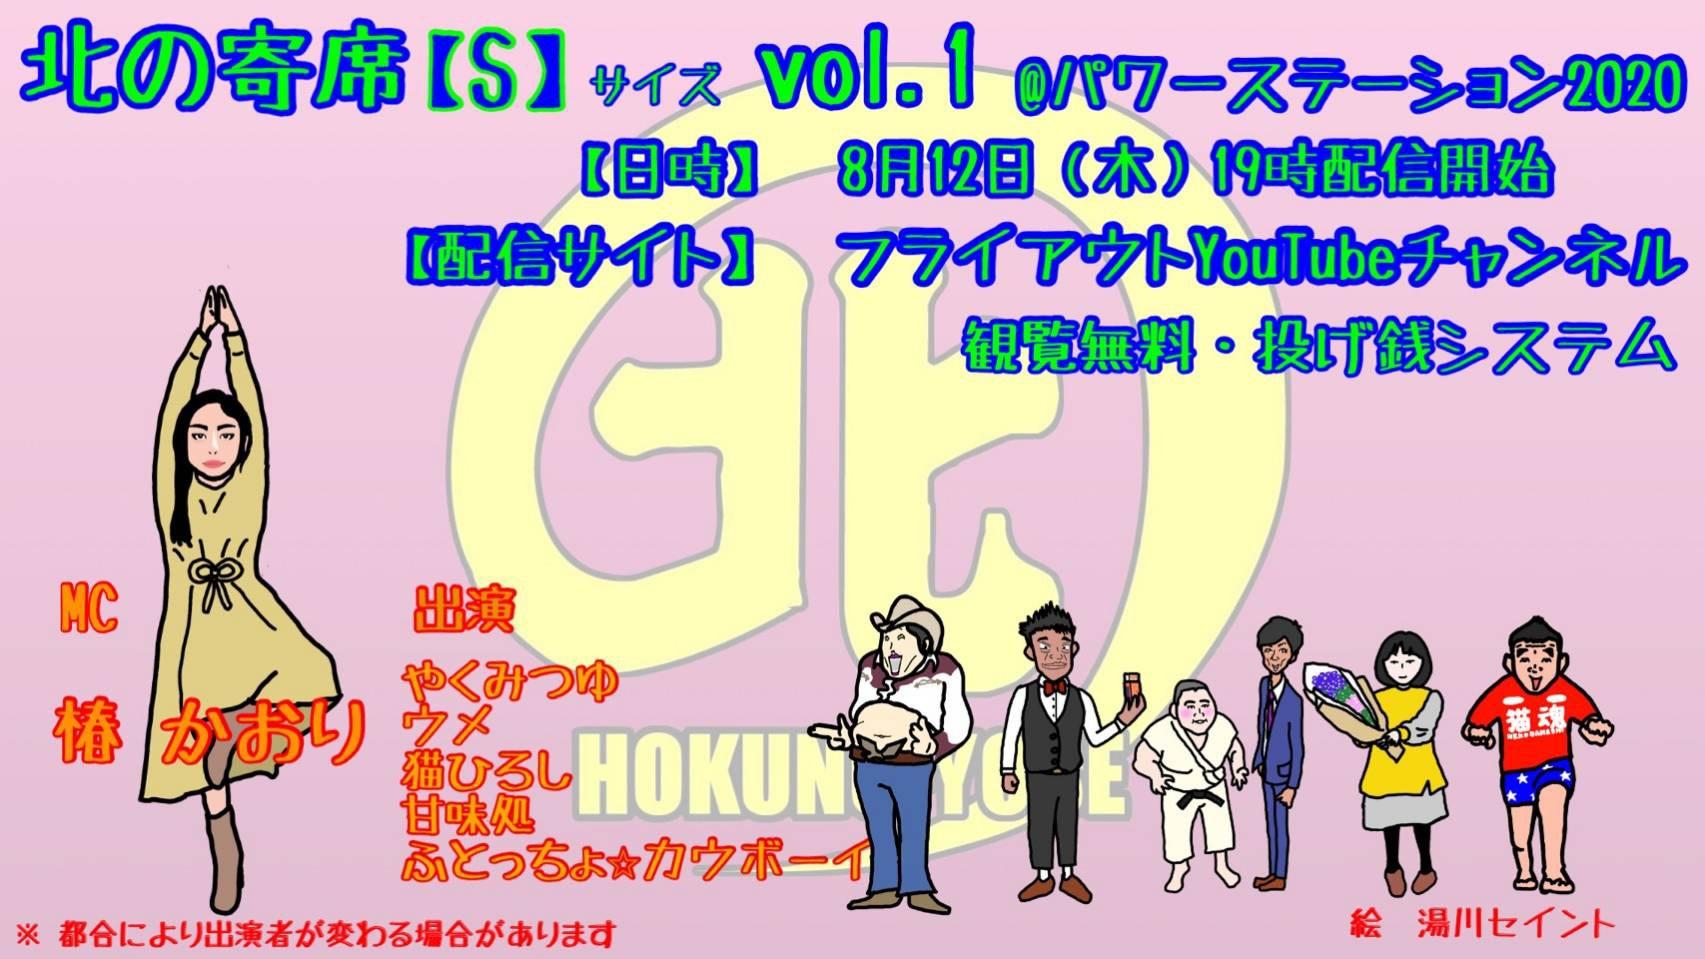 北の寄席【S】サイズ vol.1 画像1